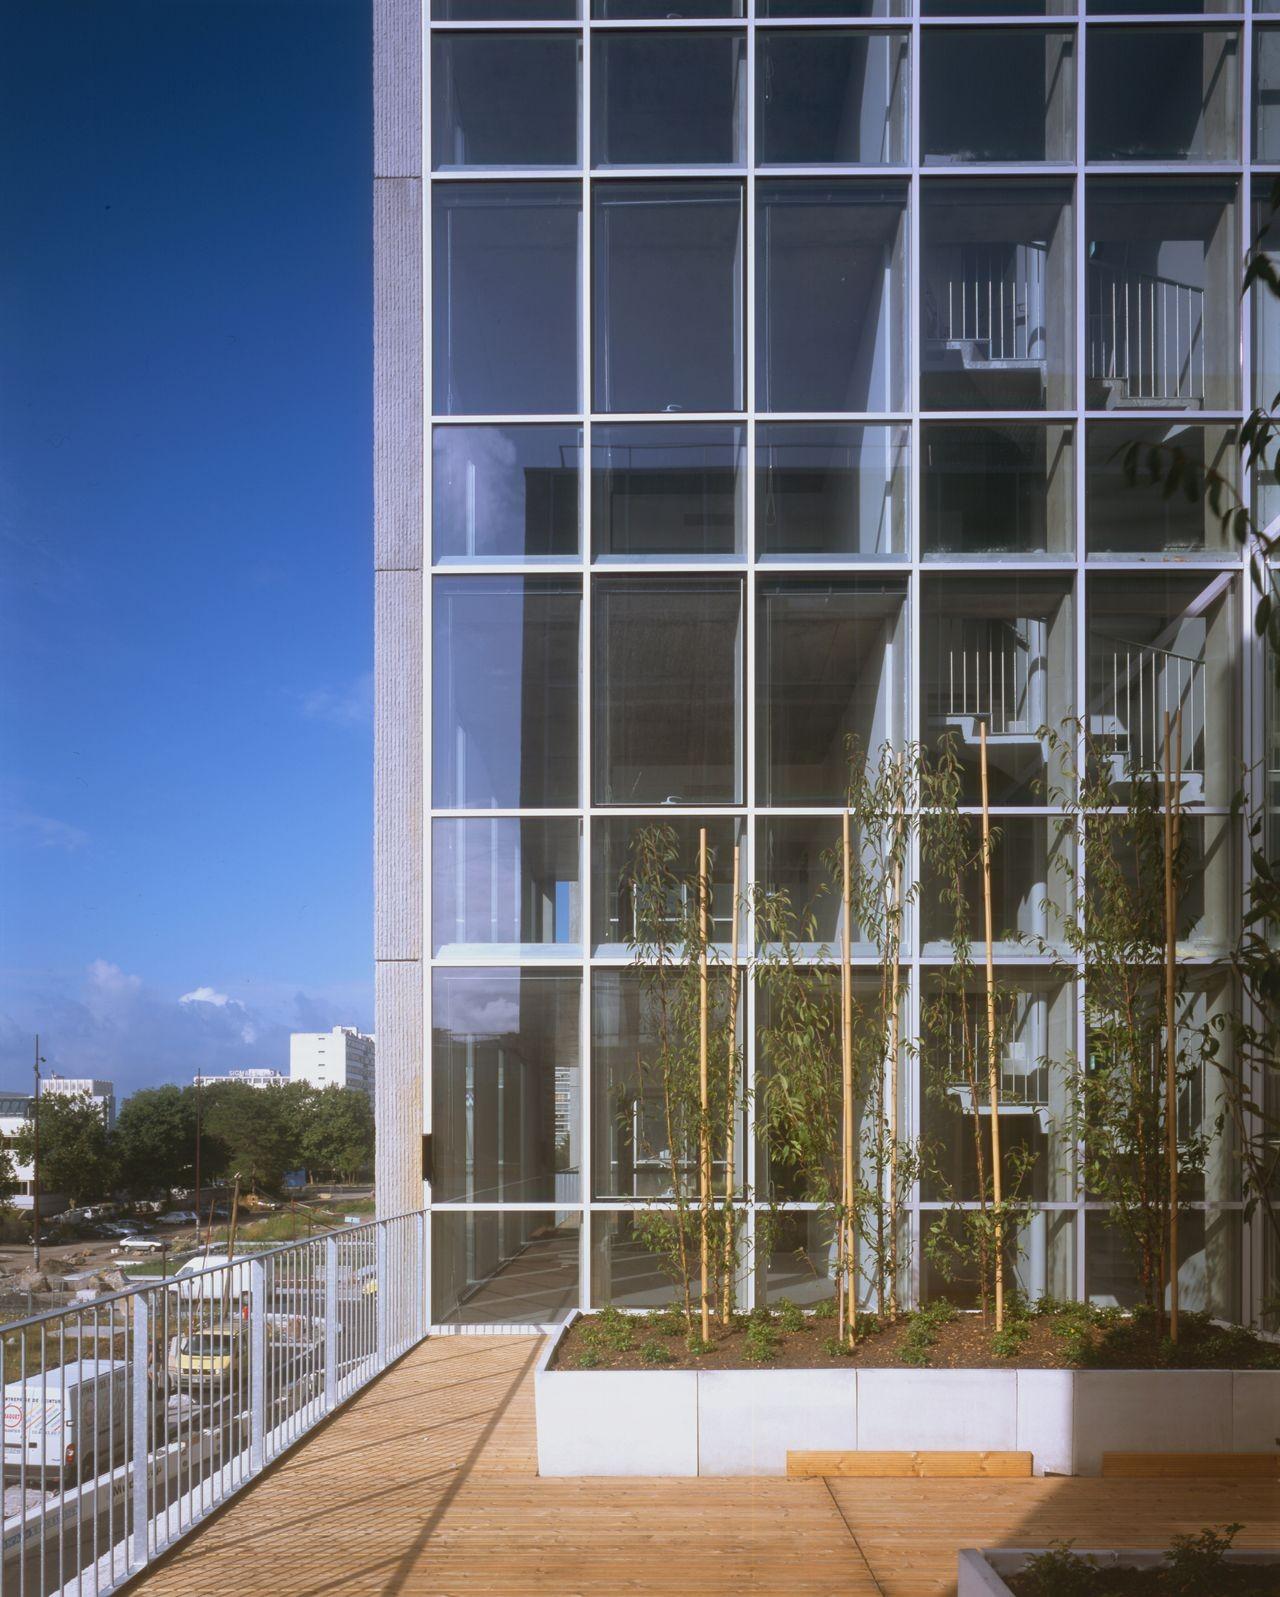 Tripode Office Building / Barré Lambot Architectes